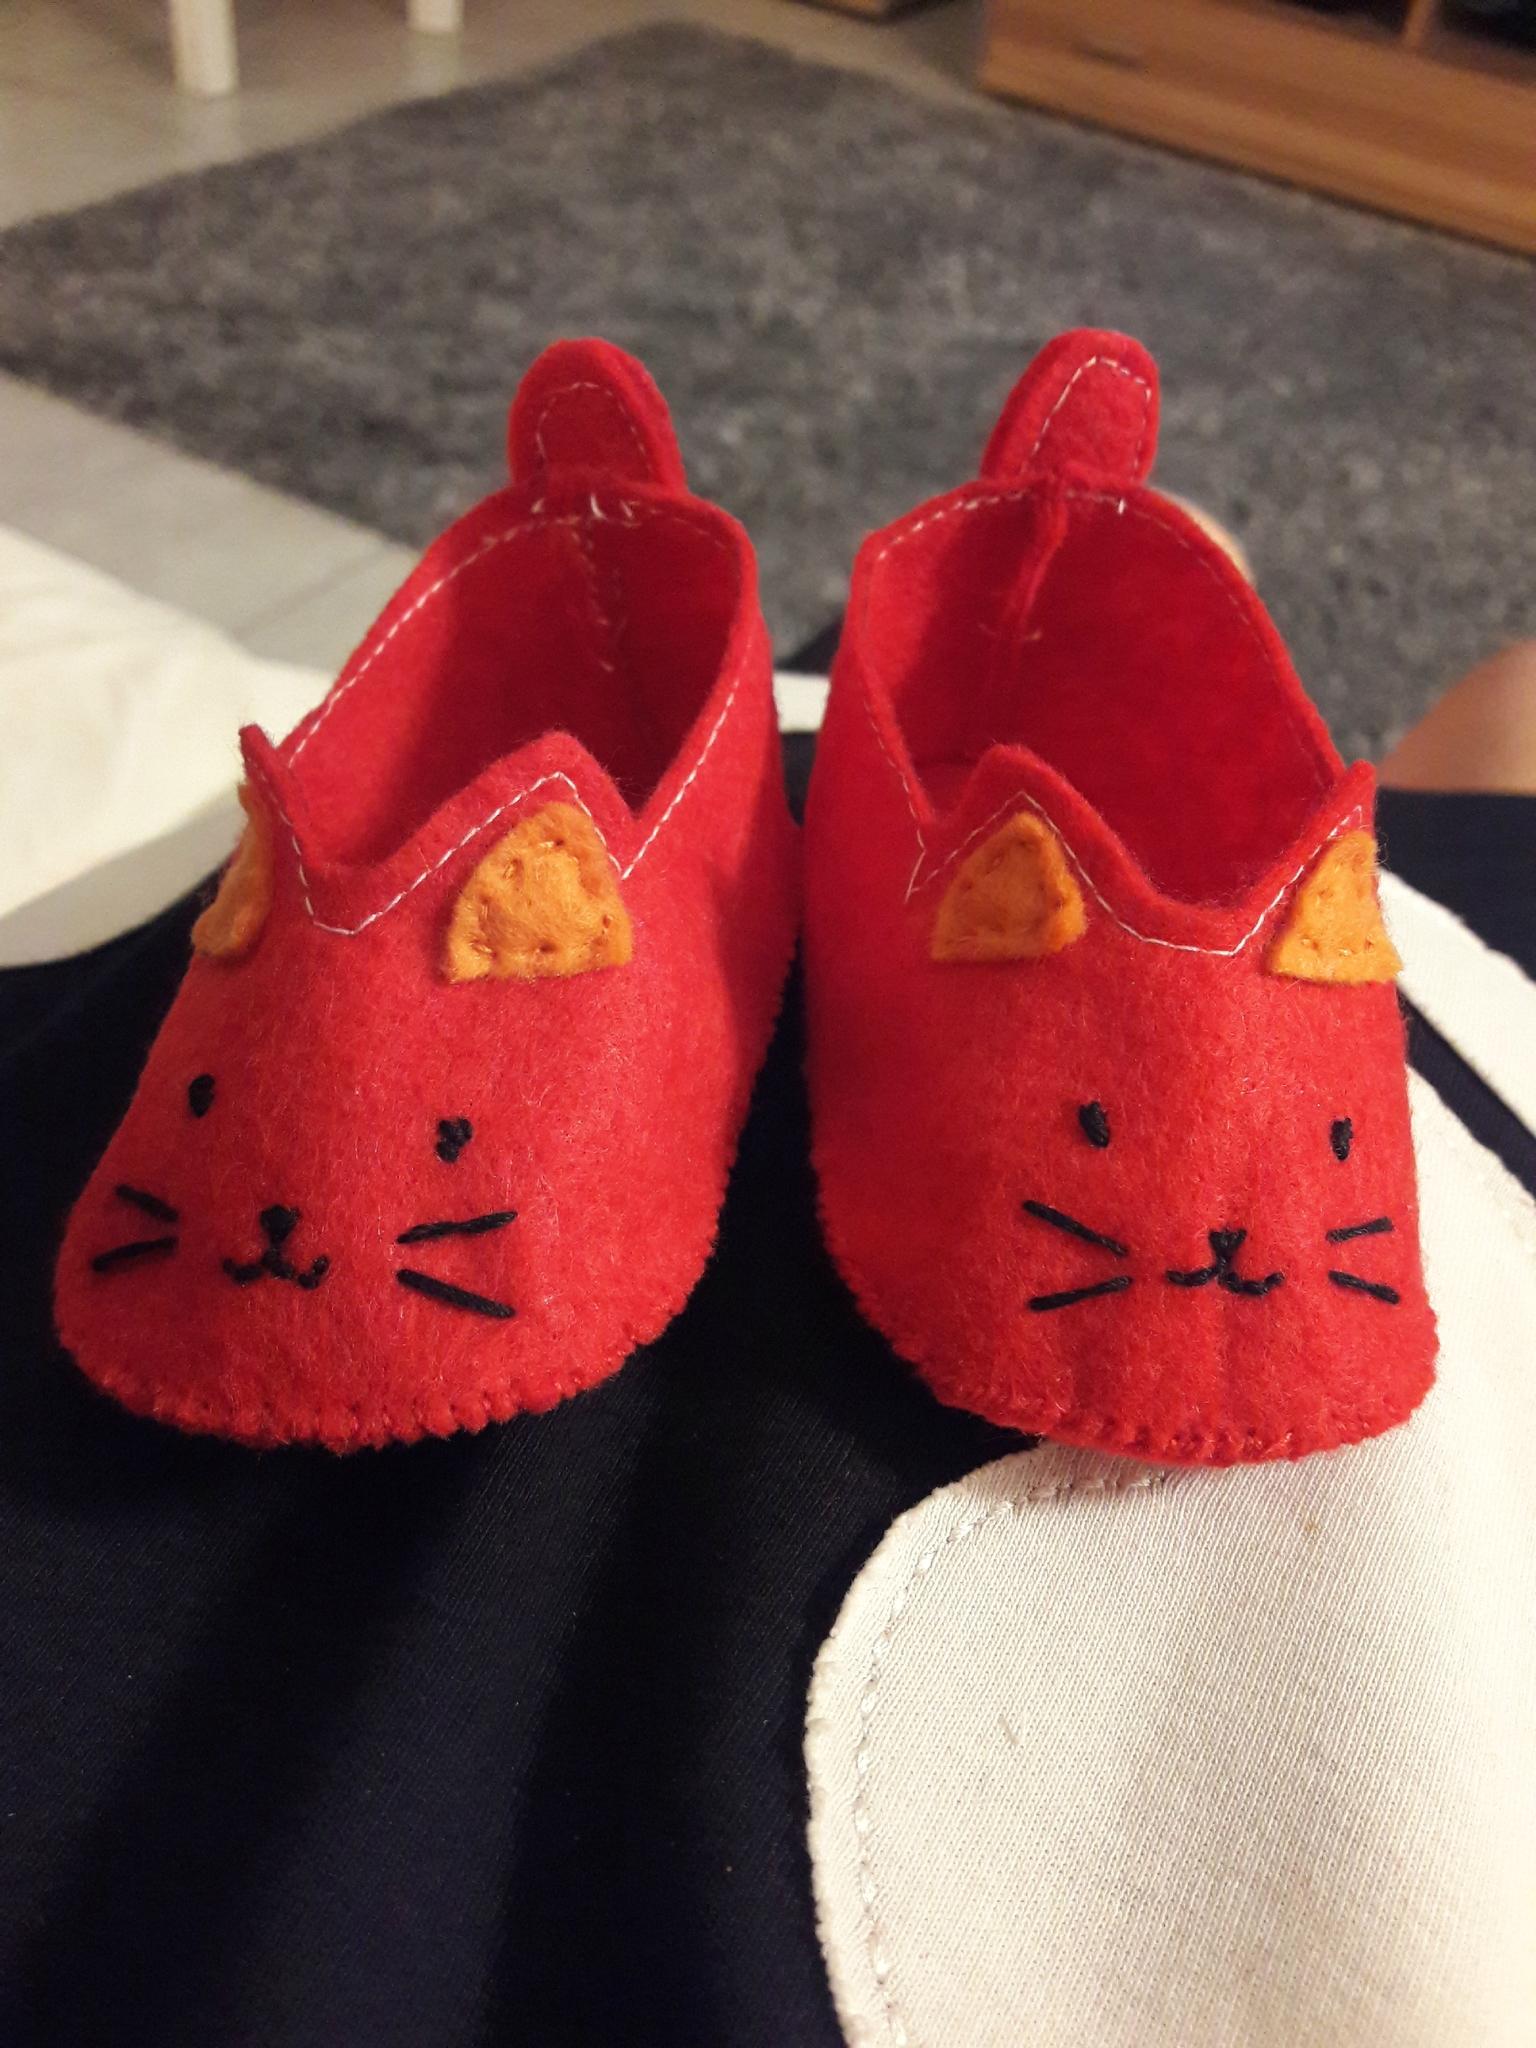 TUTO couture Les chaussons bébé petits chats + GRANDE NOUVELLE !!!